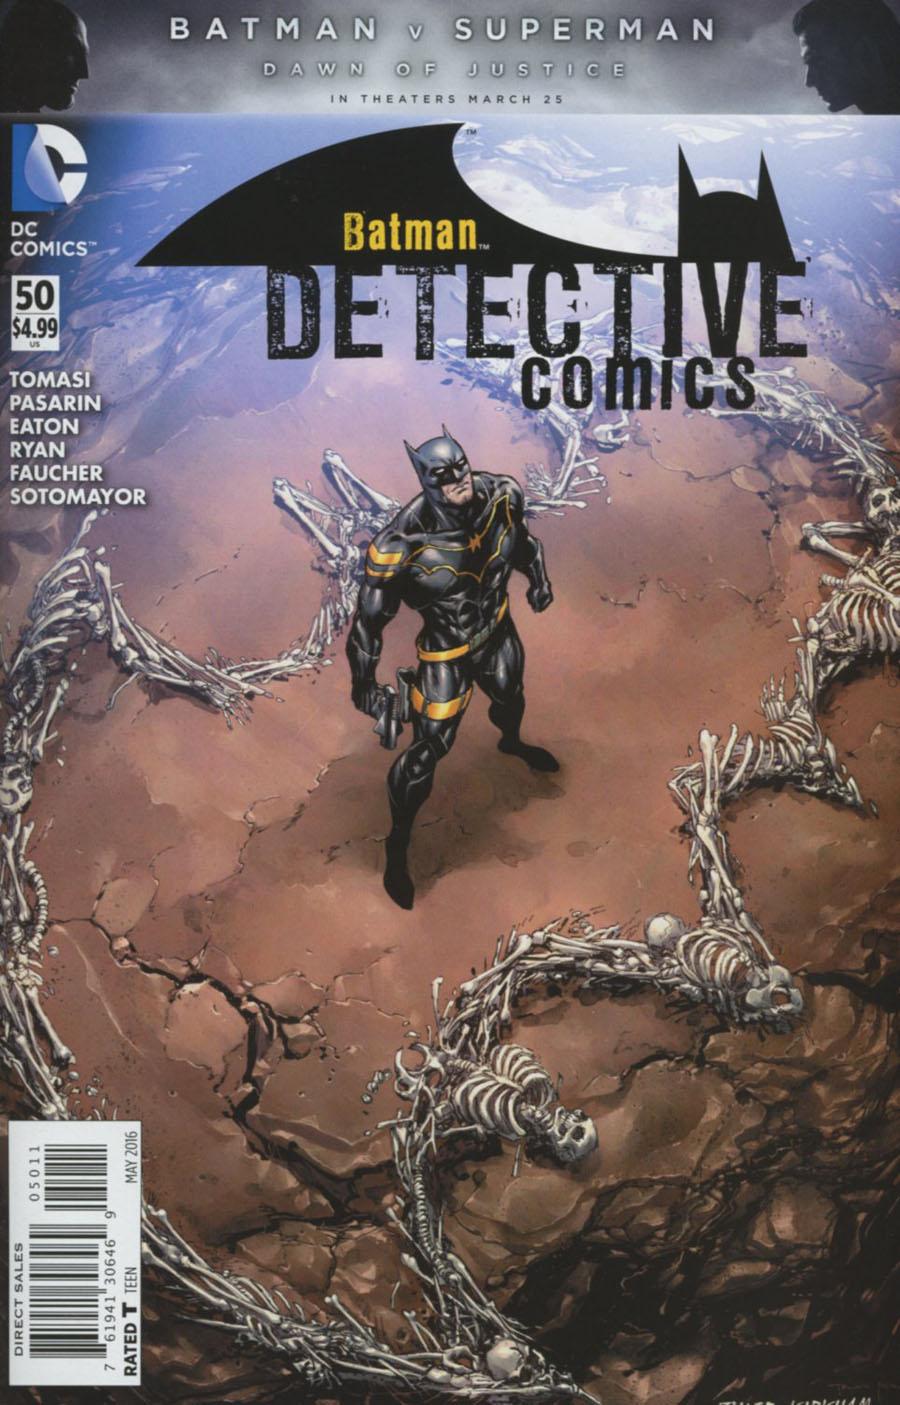 Detective Comics Vol 2 #50 Cover A Regular Tyler Kirkham Cover